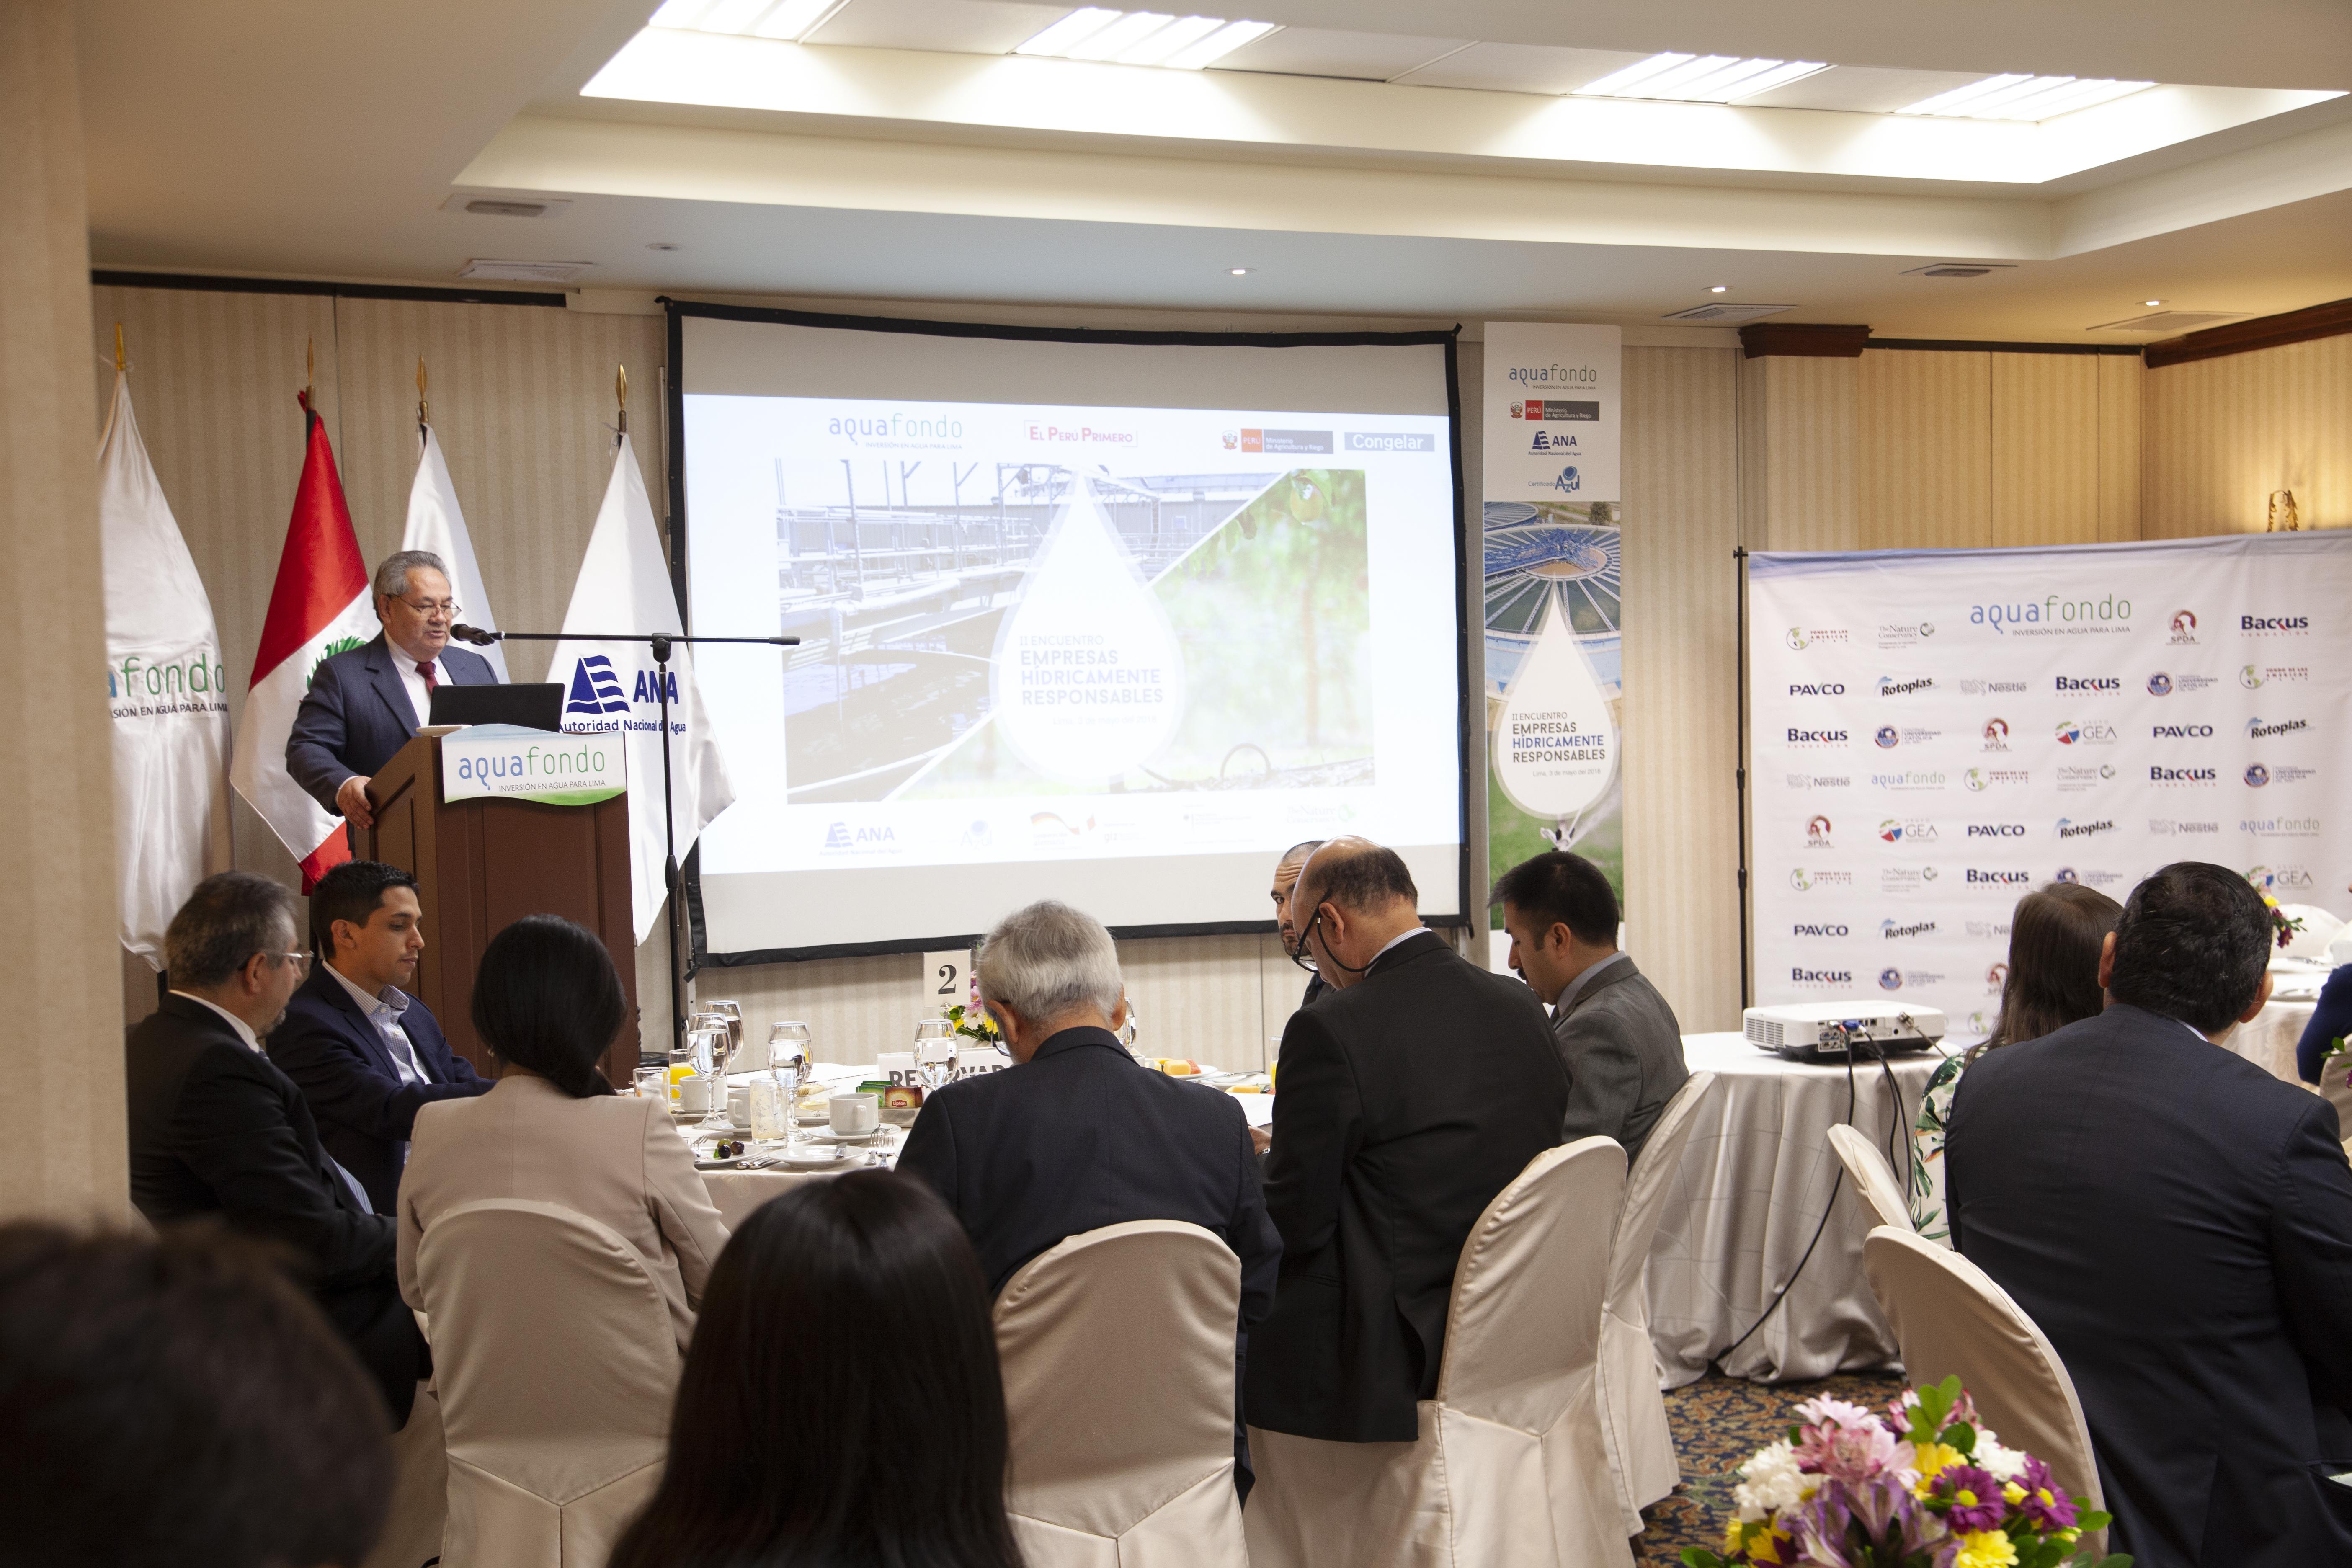 Segundo Encuentro de Empresas Hídricamente Responsables expuso casos exitosos y replicables de gestión eficiente del agua